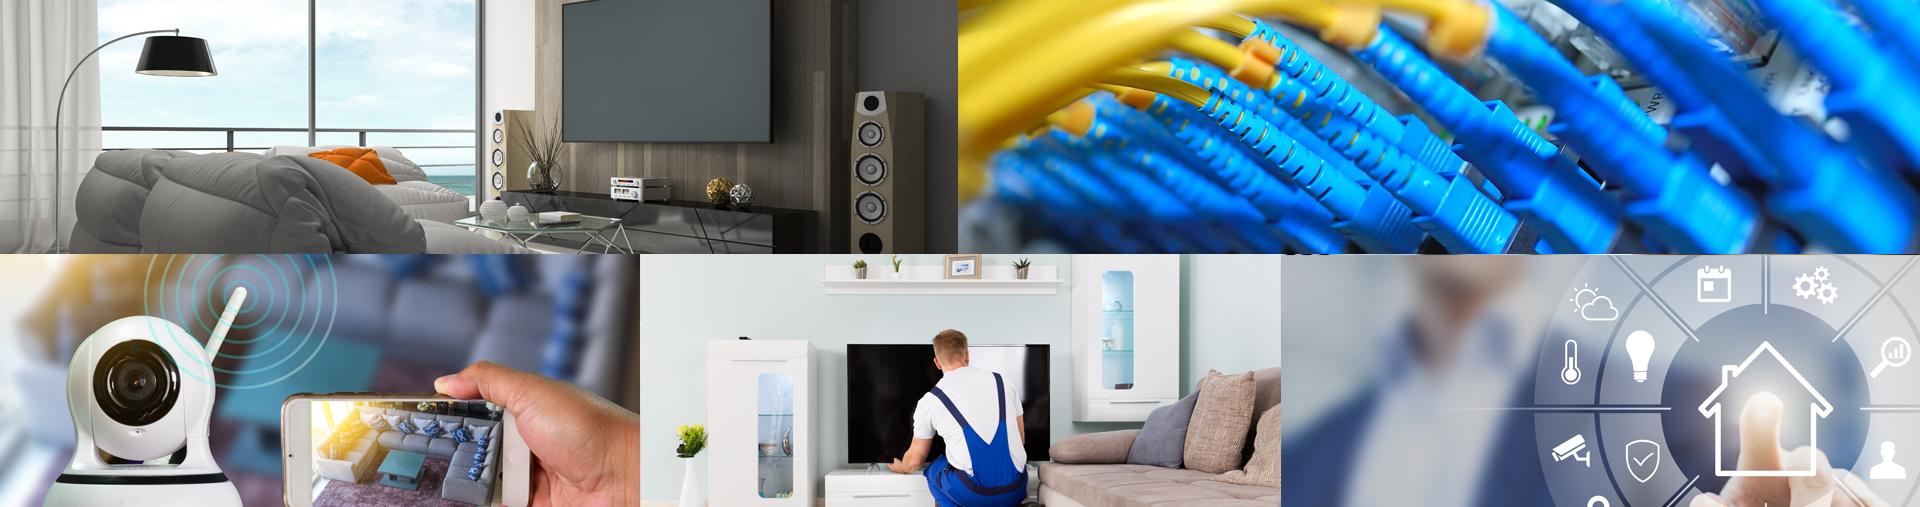 Dallas-GA-home-Automation